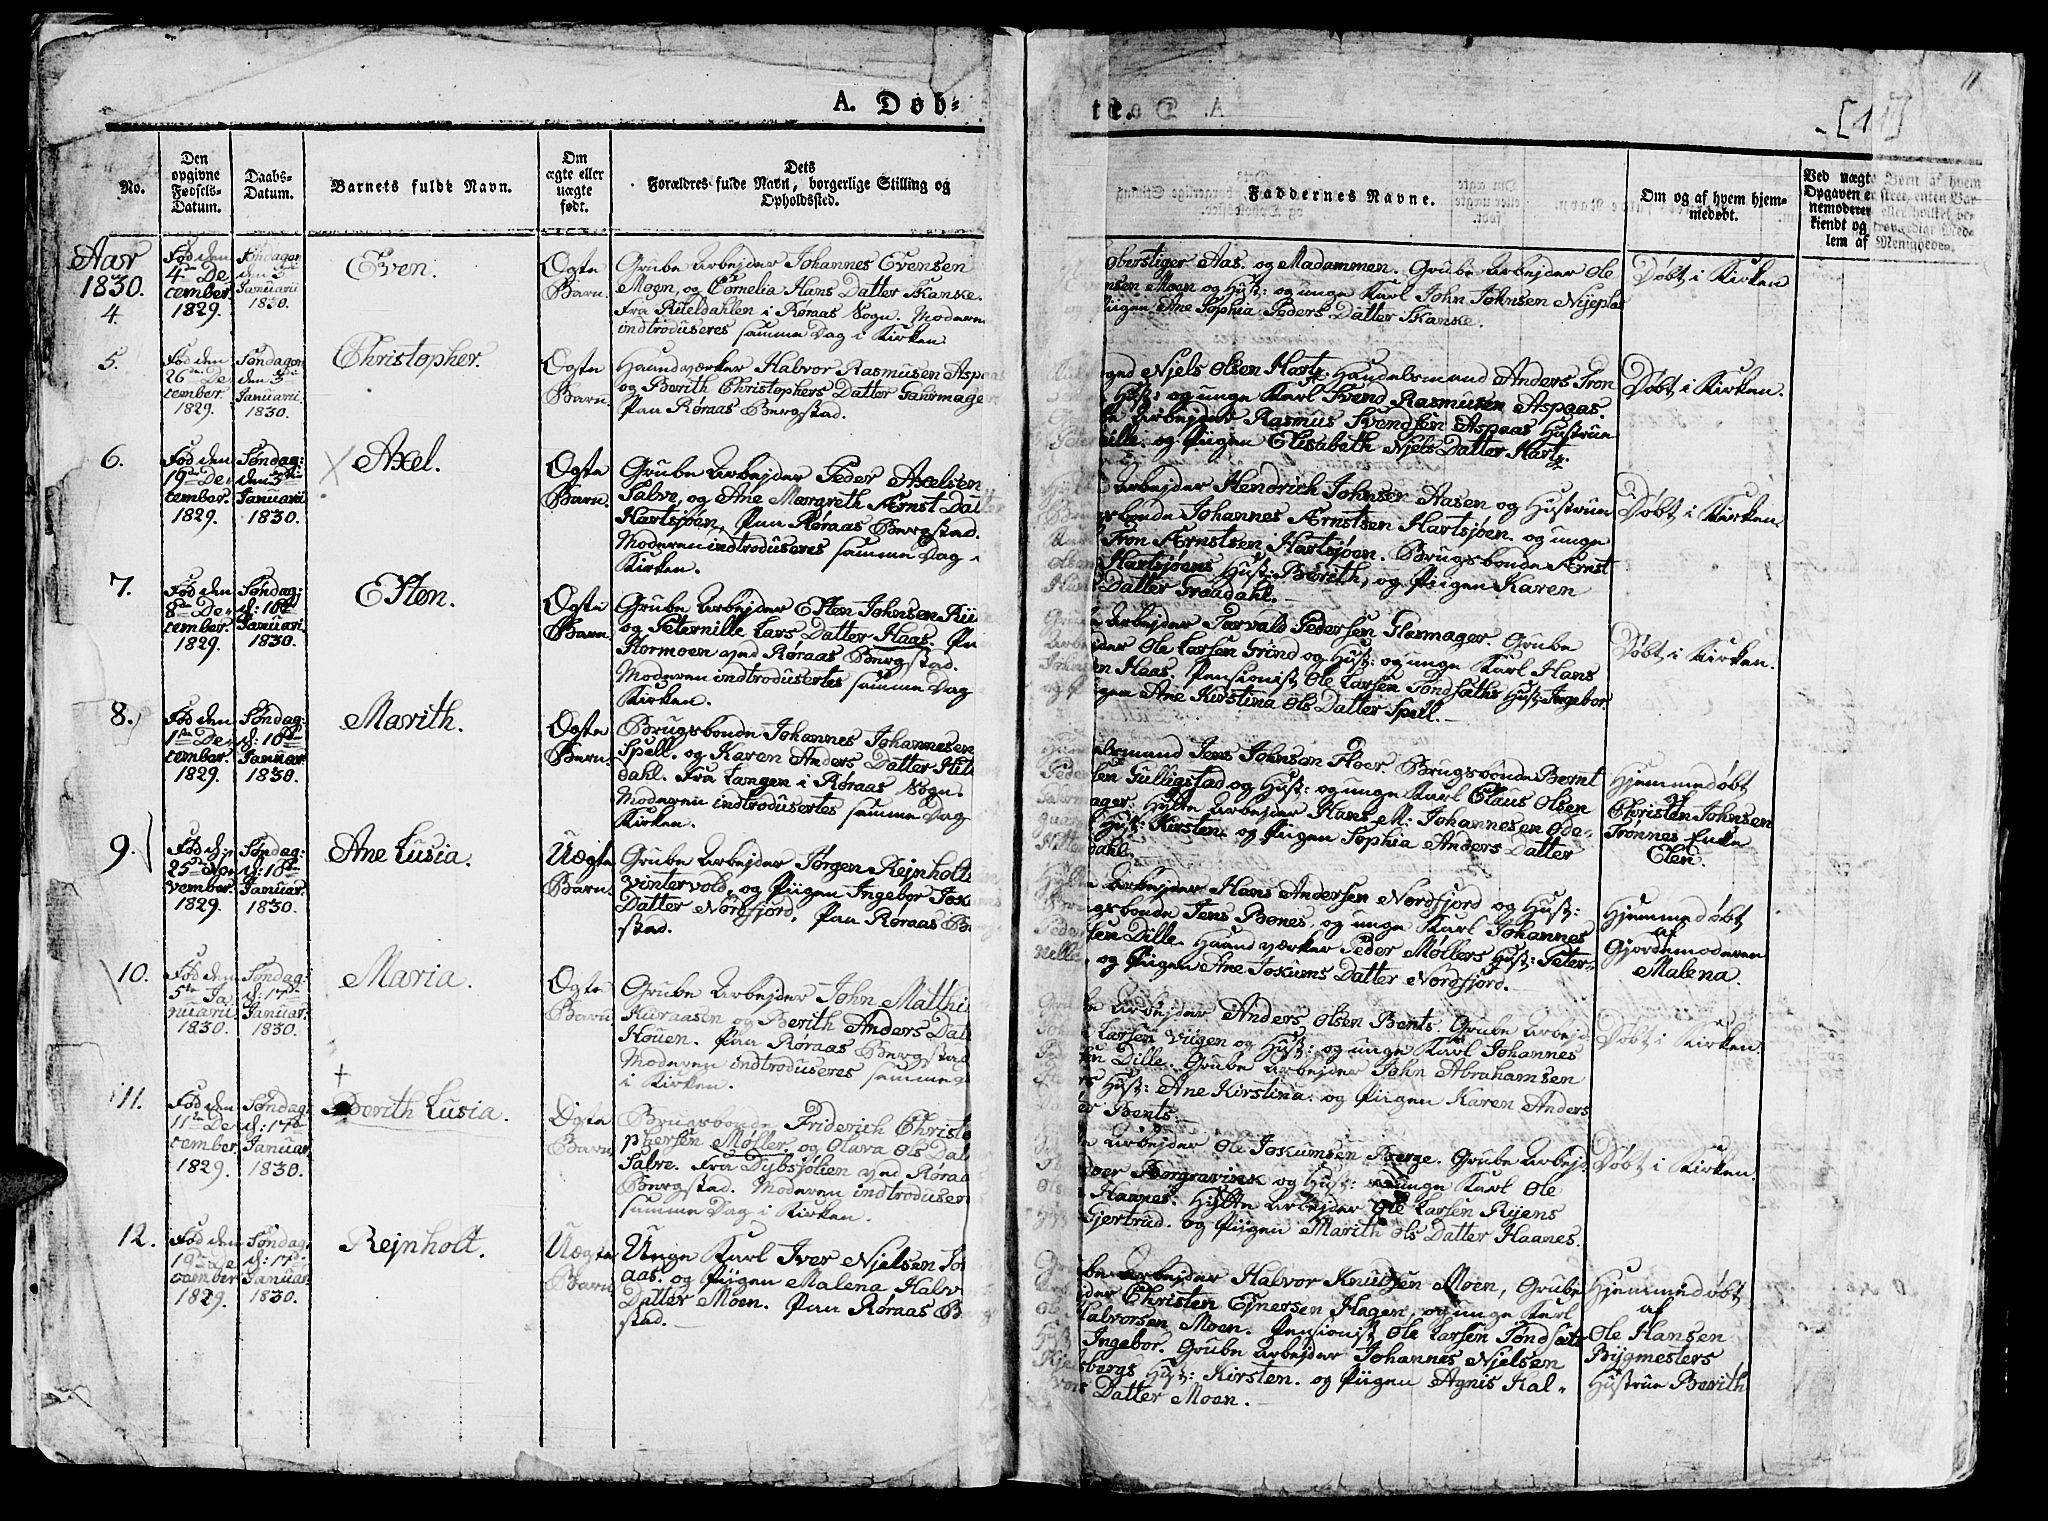 SAT, Ministerialprotokoller, klokkerbøker og fødselsregistre - Sør-Trøndelag, 681/L0938: Klokkerbok nr. 681C02, 1829-1879, s. 11